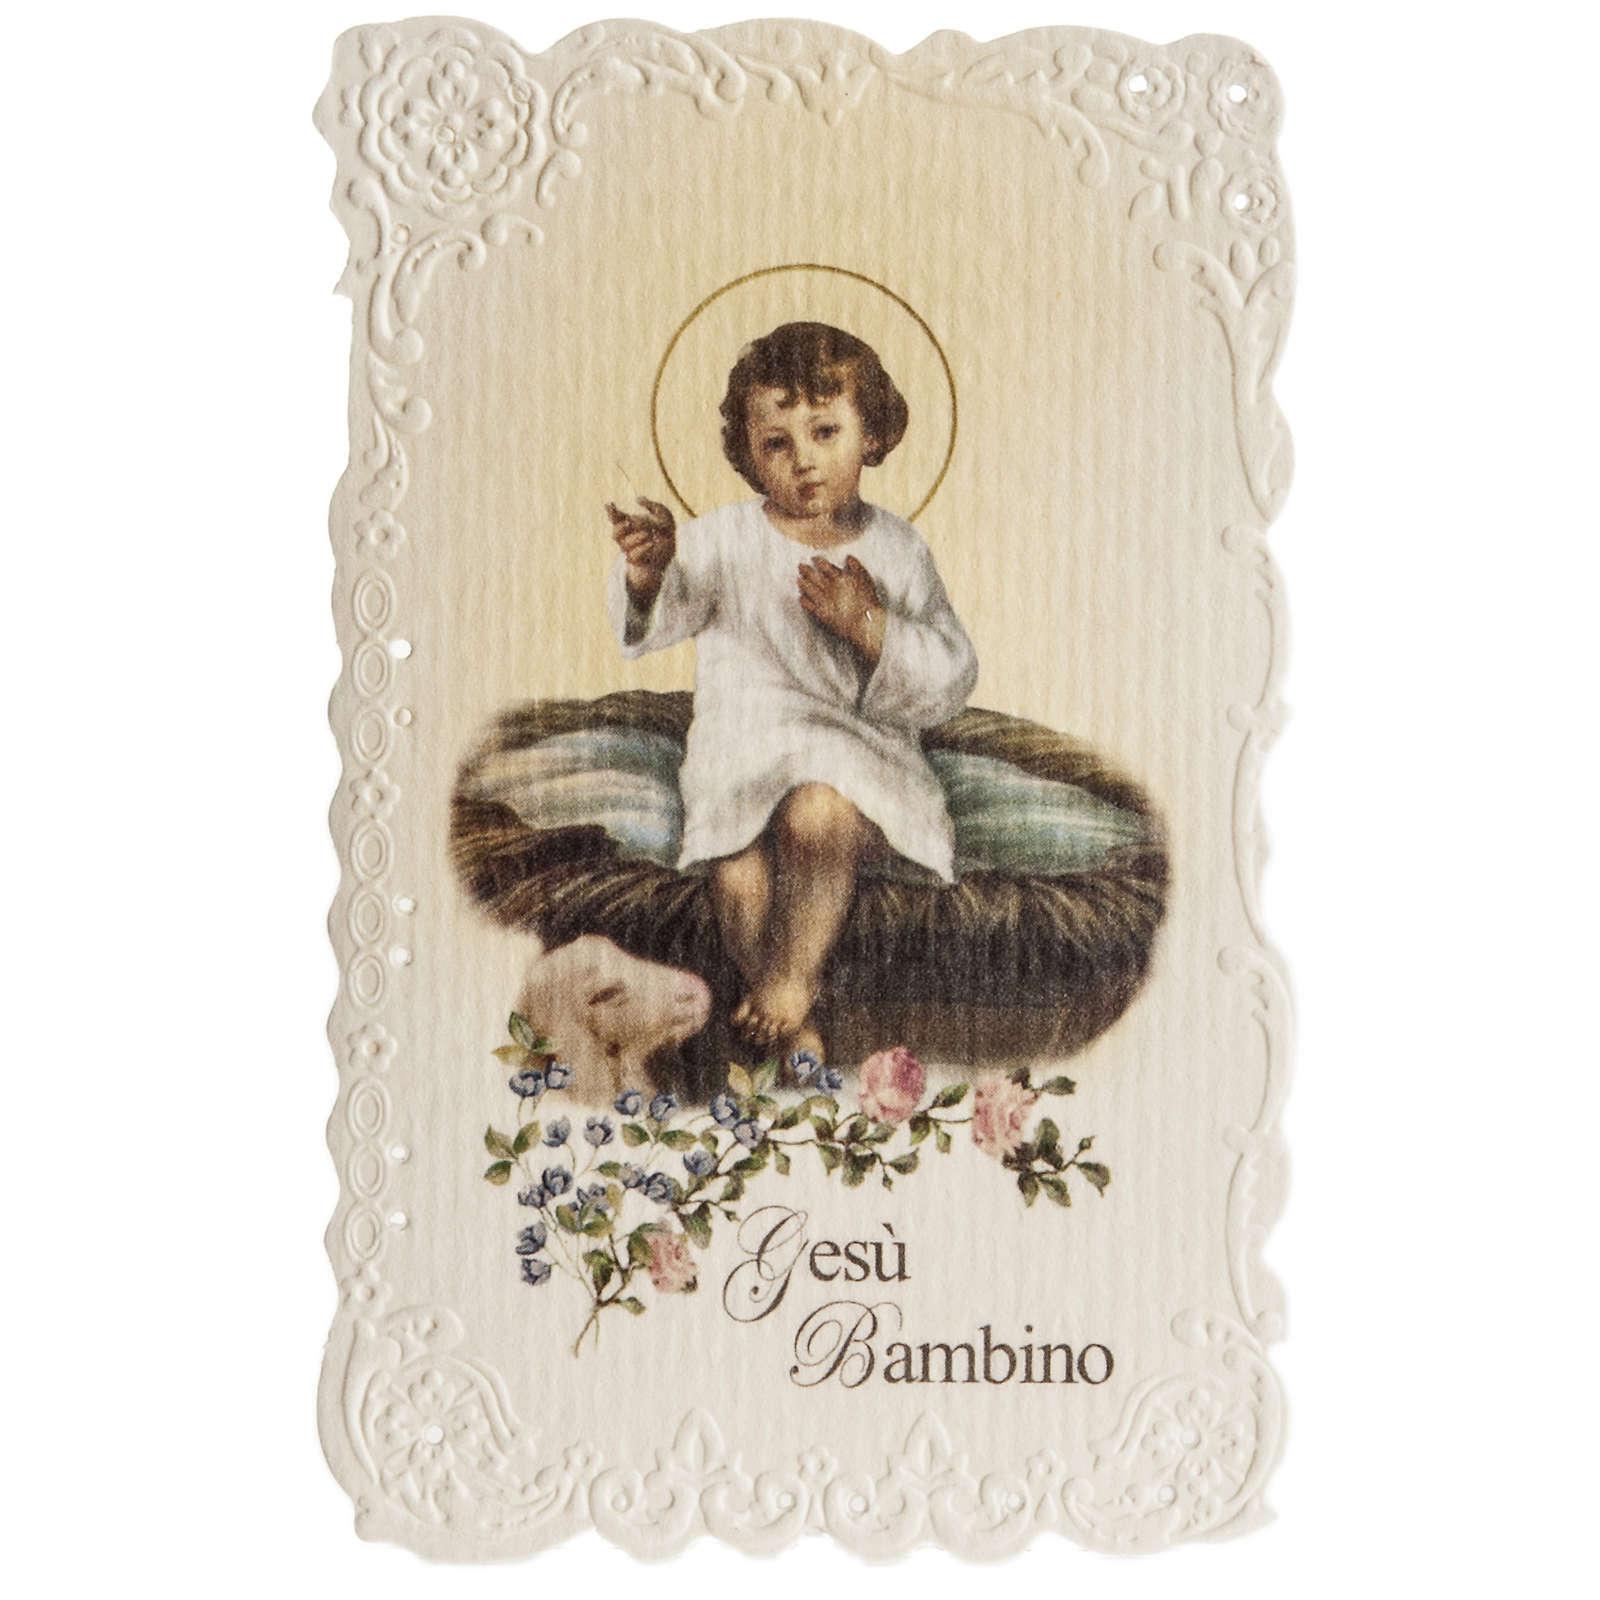 Santino Gesù Bambino con preghiera 4